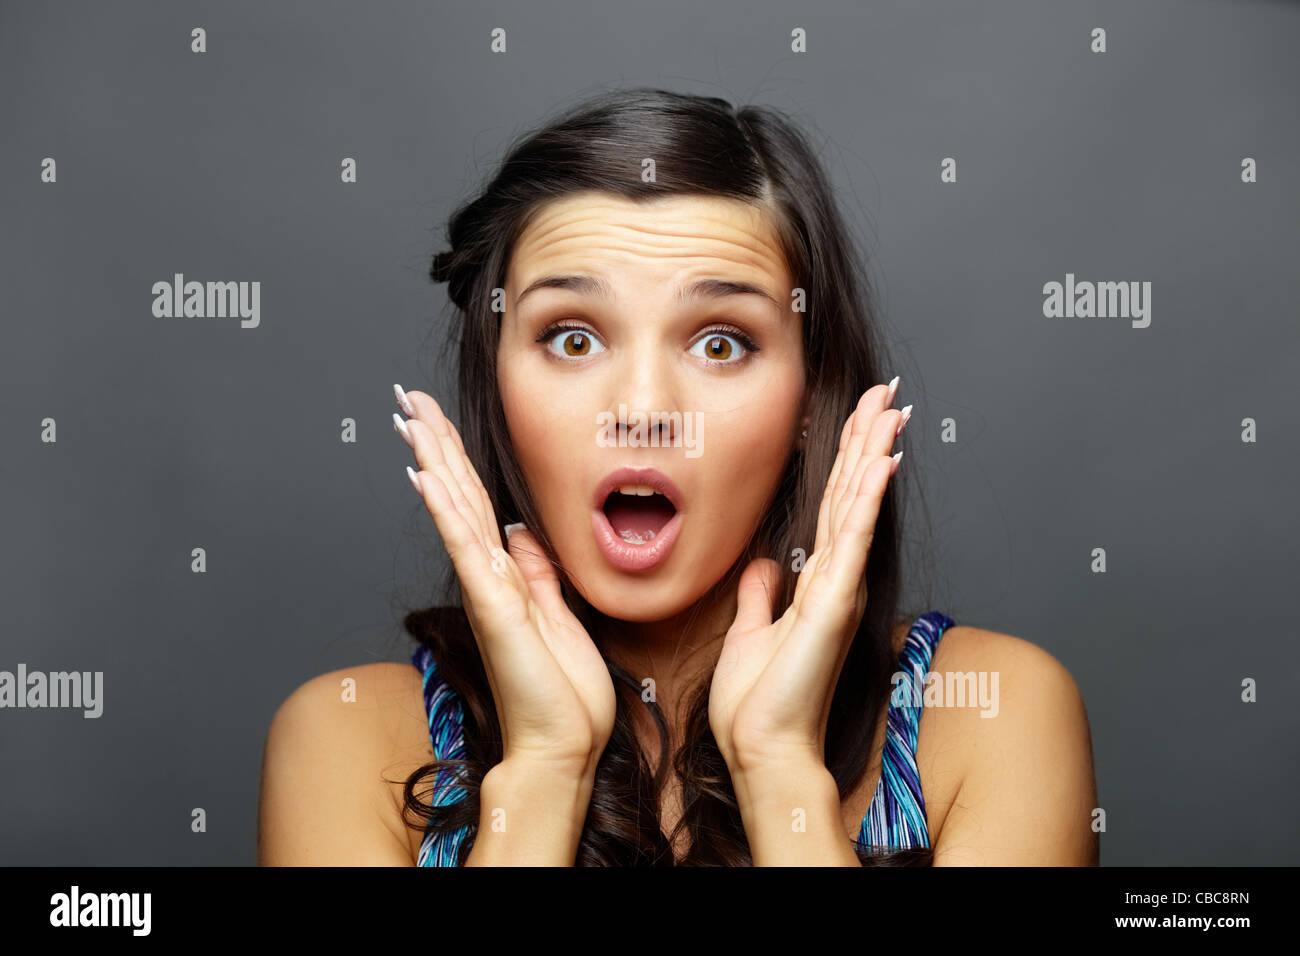 Ritratto di stupito brunette guardando la fotocamera Immagini Stock